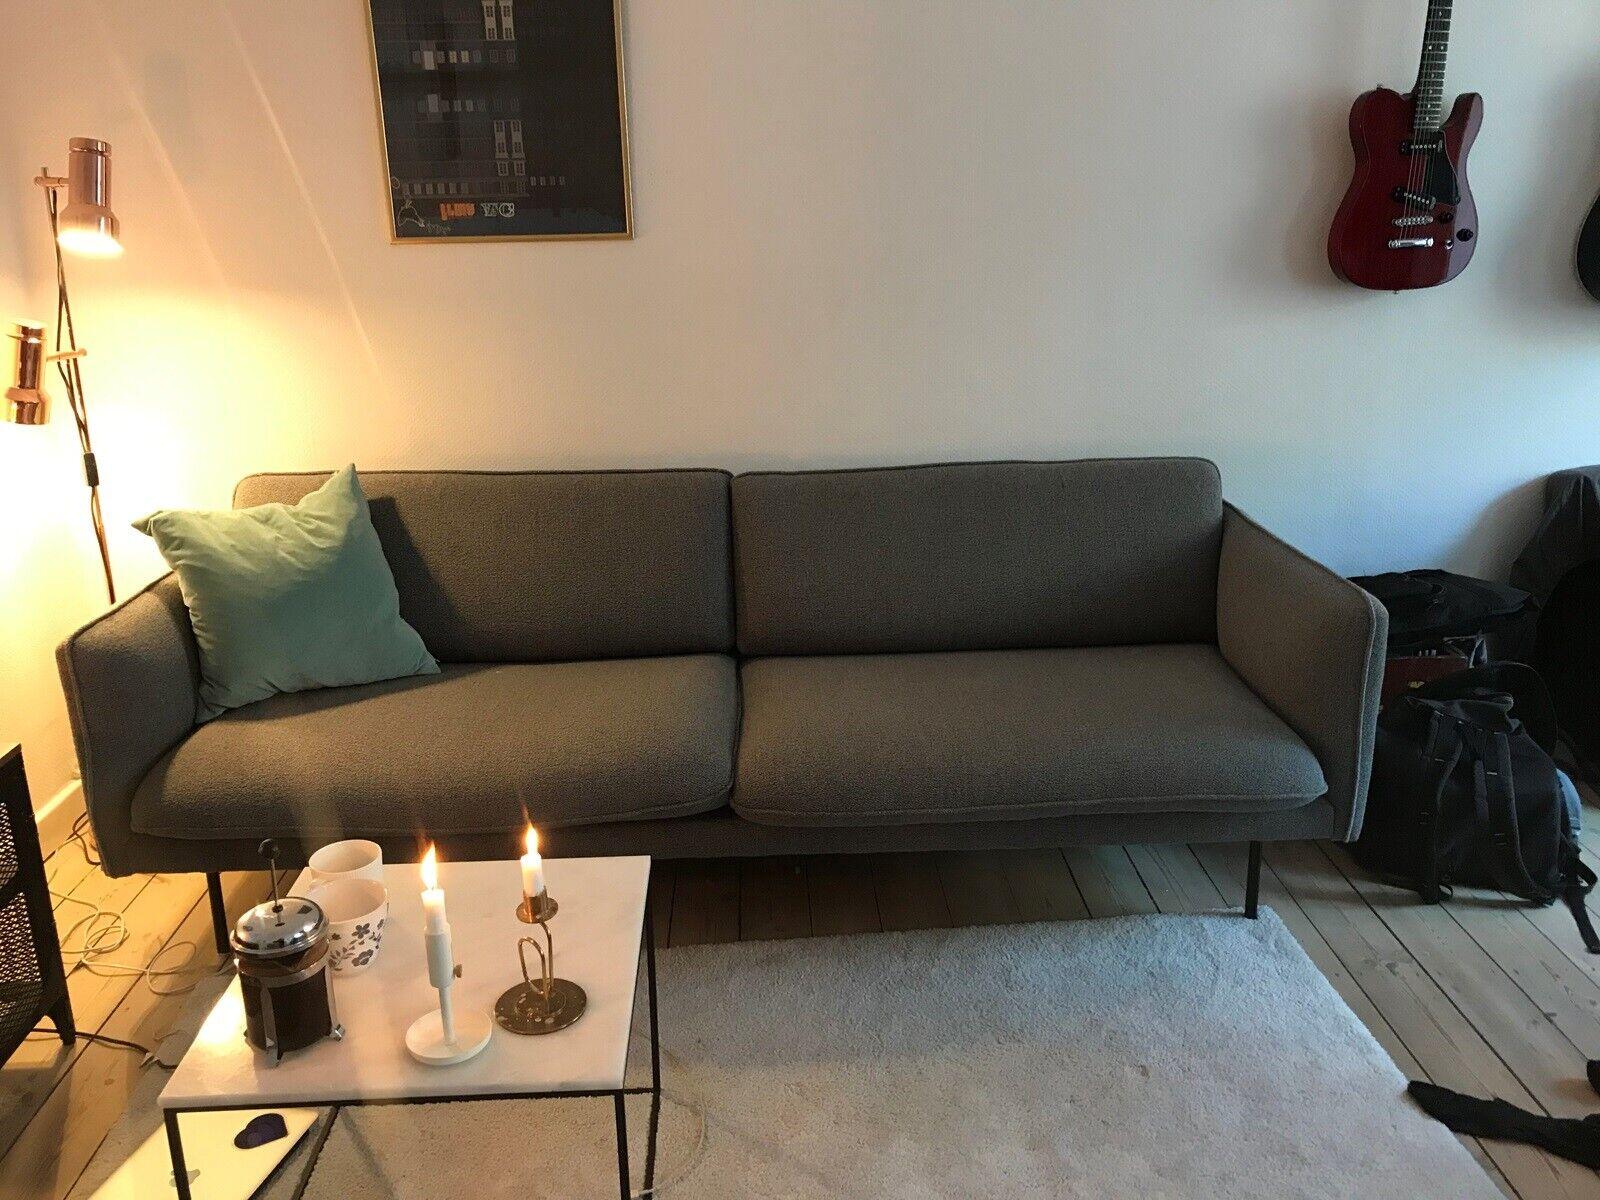 Sofa 3 Pers Levon Ilva Idemobler Dba Dk Kob Og Salg Af Nyt Og Brugt